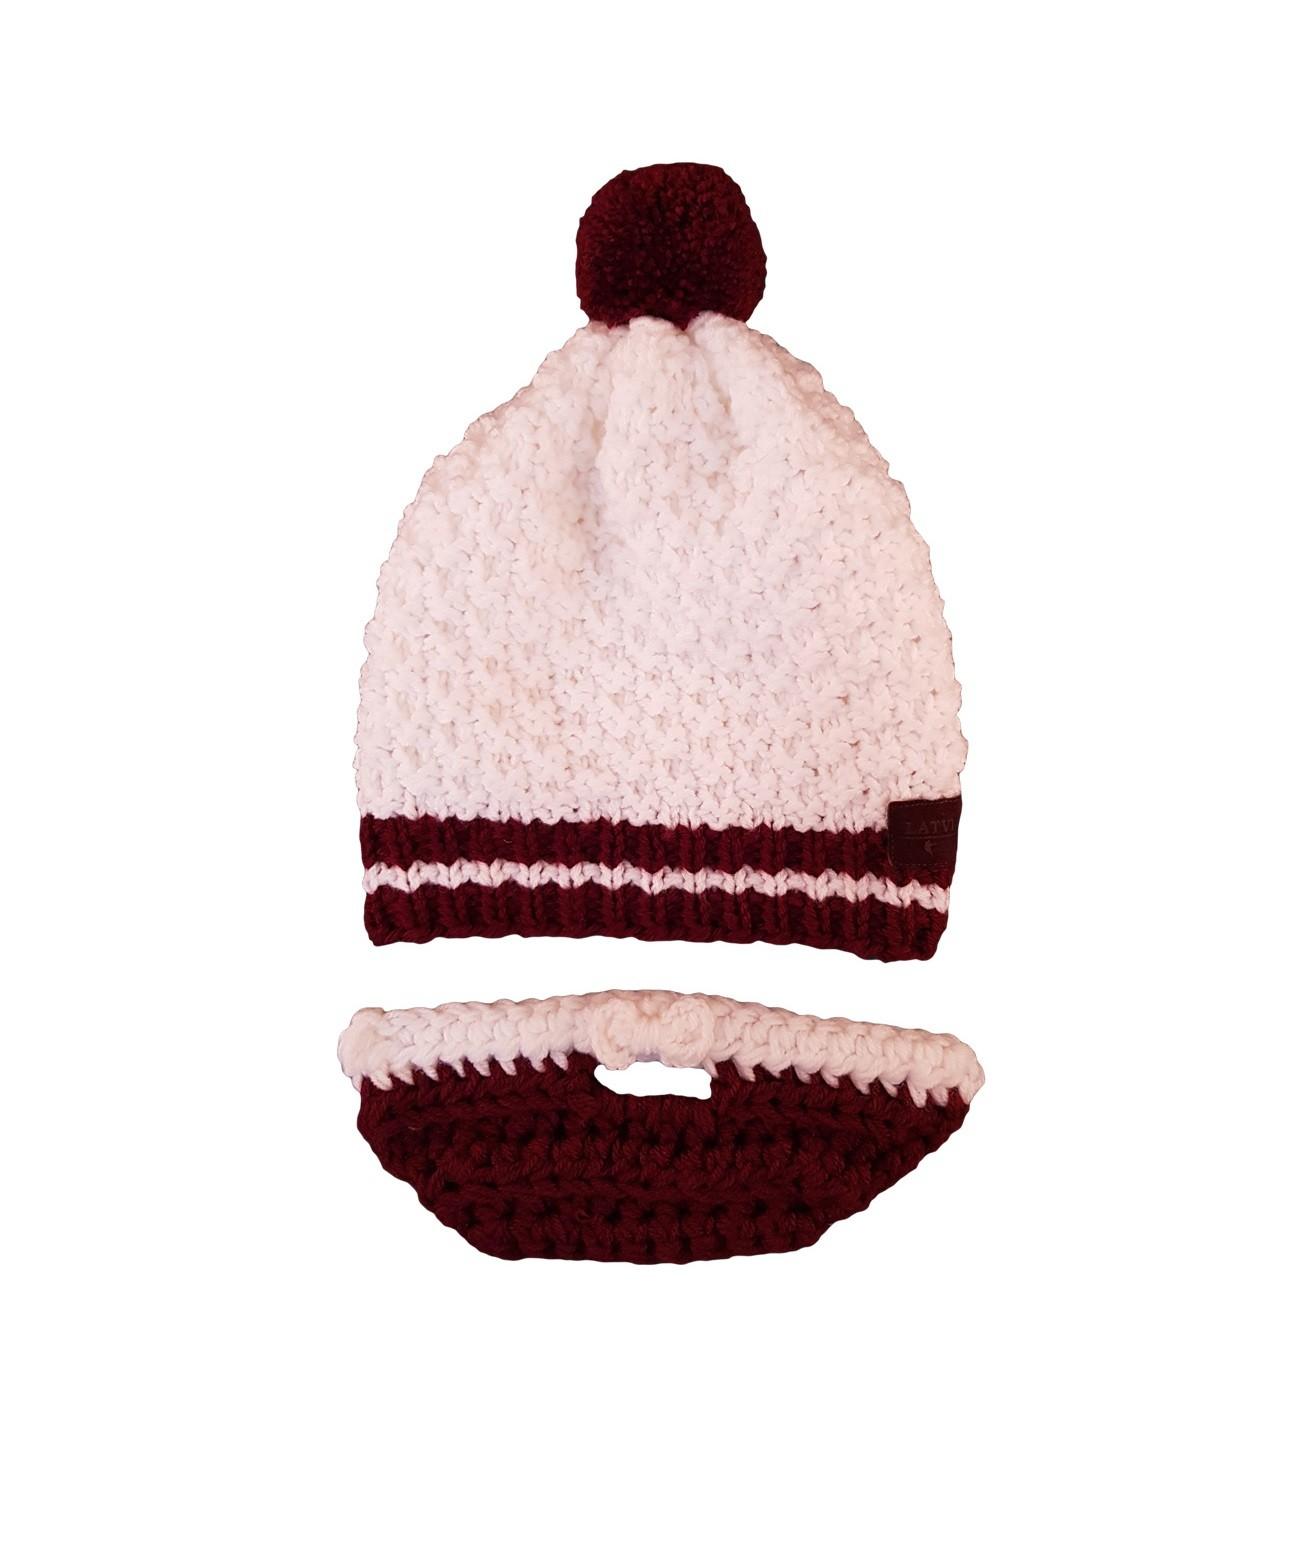 HOKEJAM.LV Knitted Winter National Hat